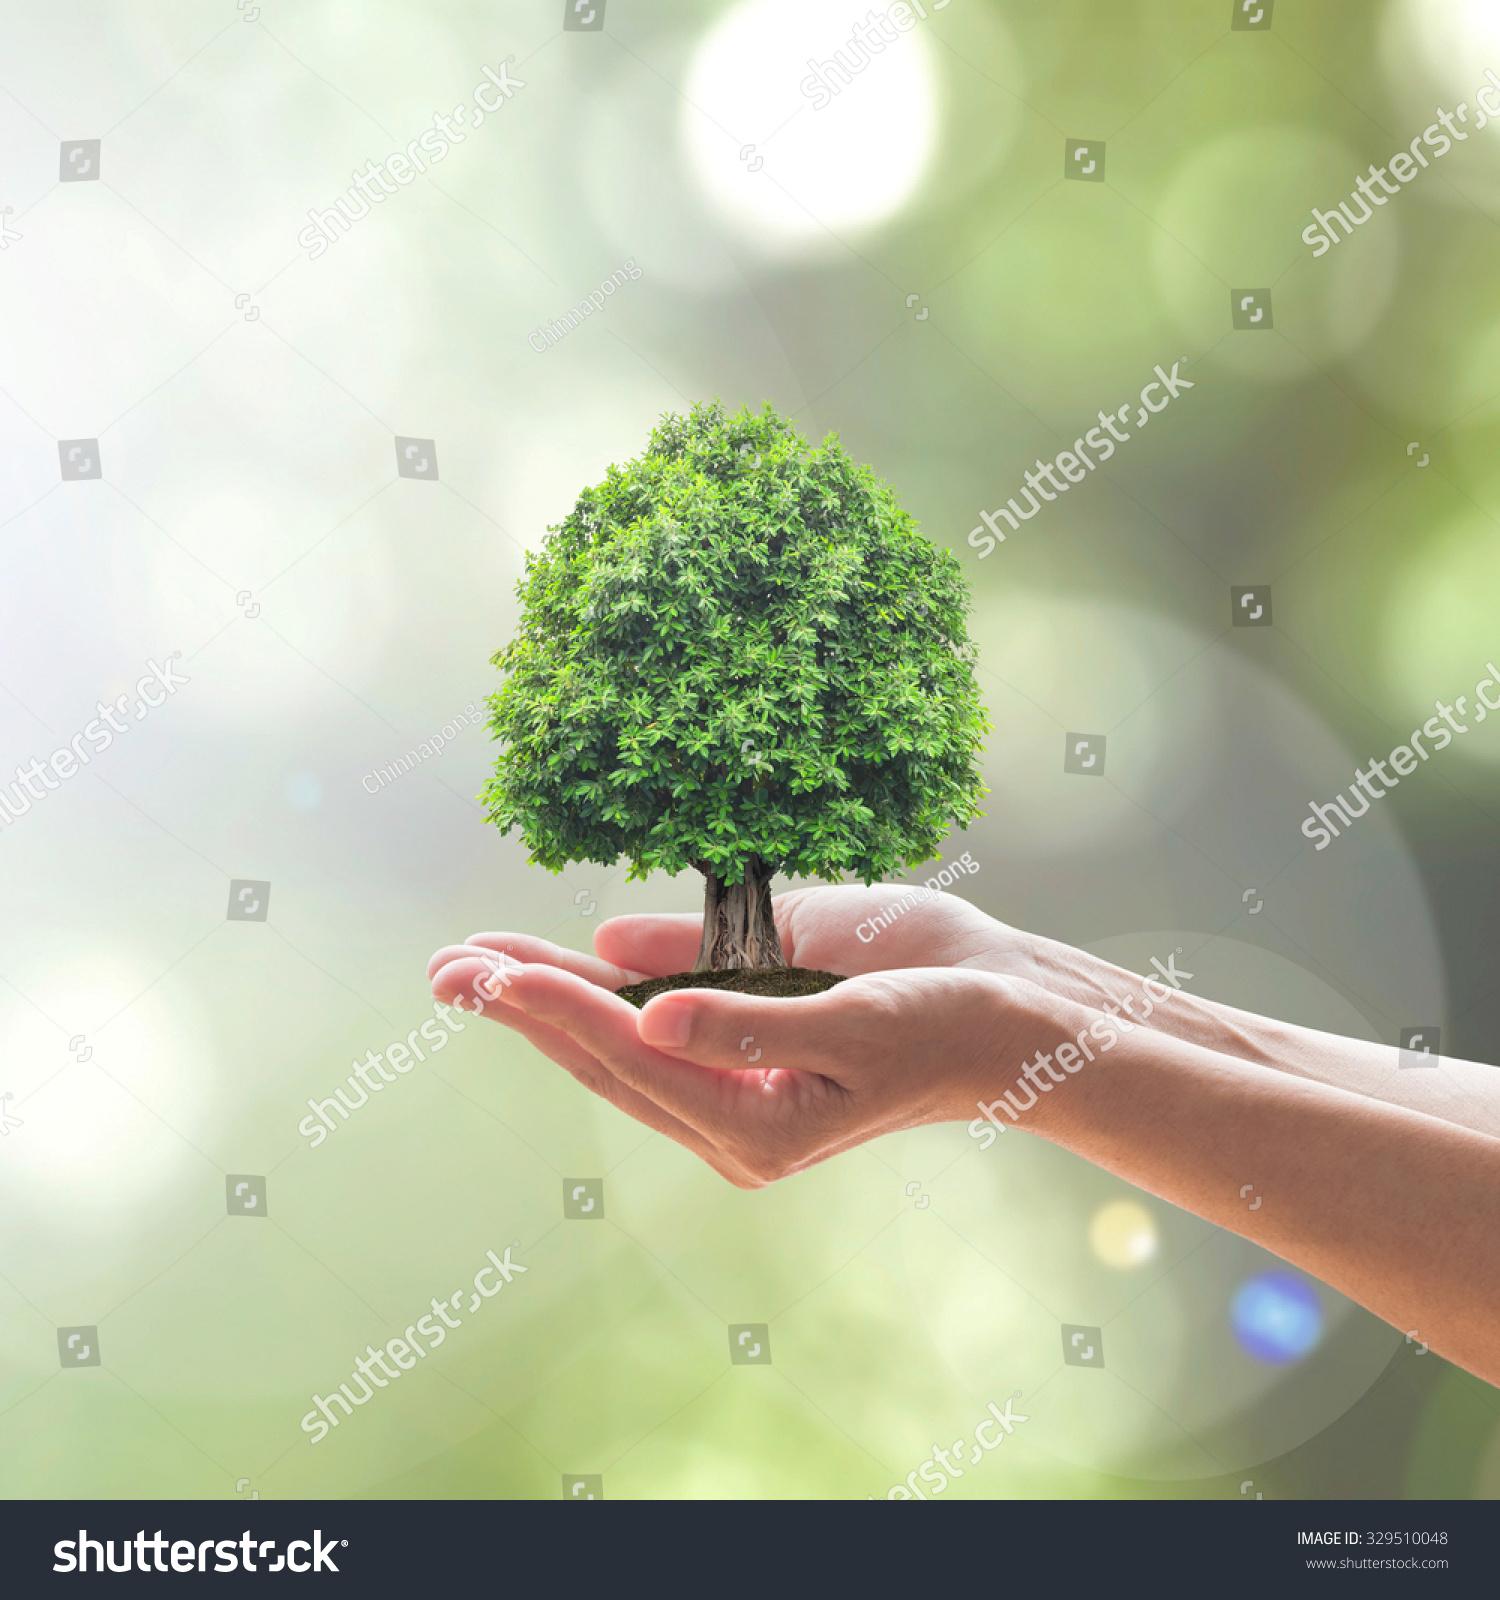 人手拿着完美的成长树植物自然散景背景模糊的绿色植物叶子:植树造林